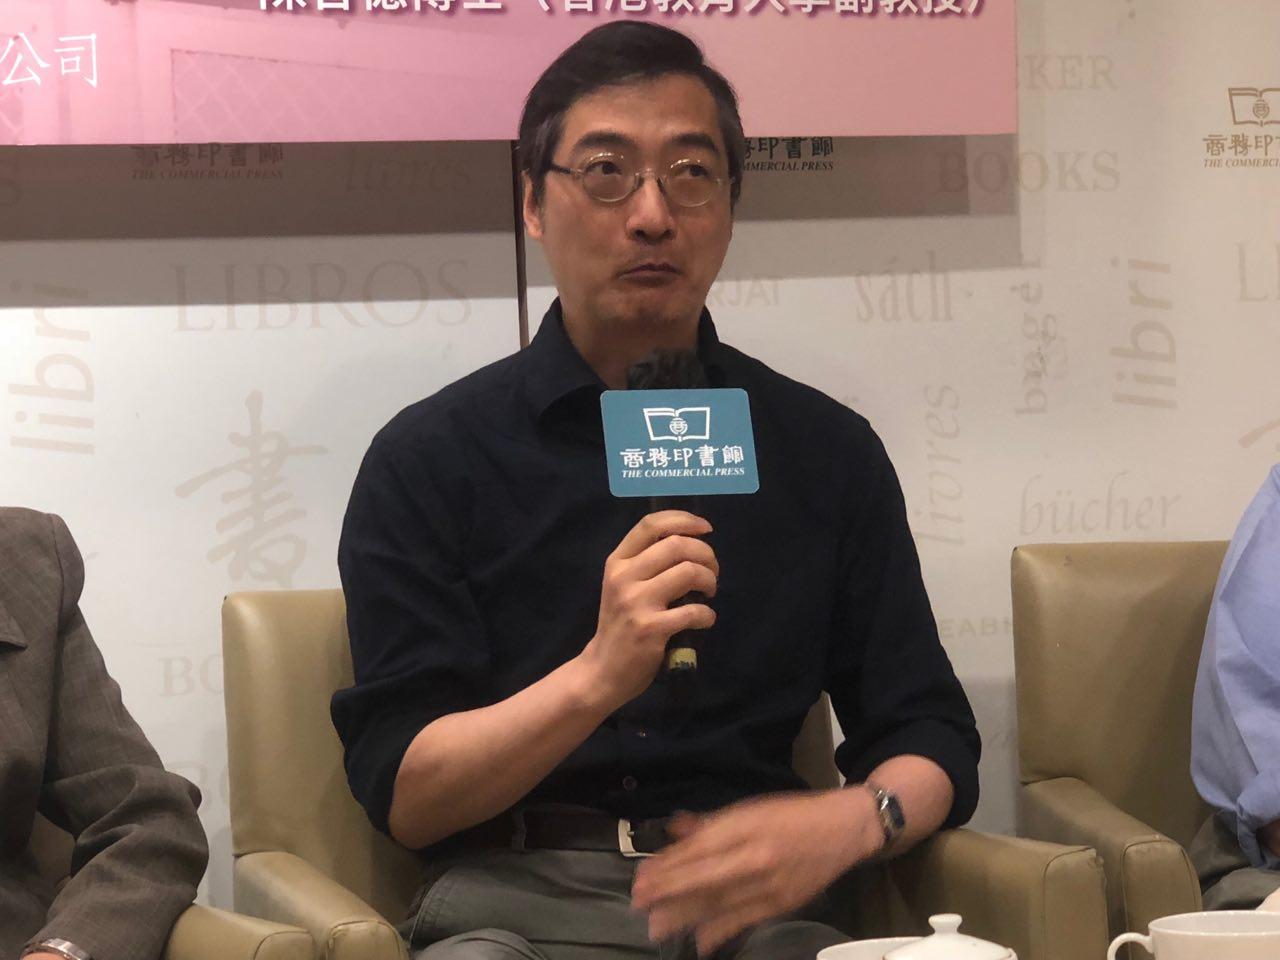 陳智德博士認為,舒巷城的作品不單在香港文學有重要的位置,而更重要的是在中國現代文學中同樣有重要的位置。